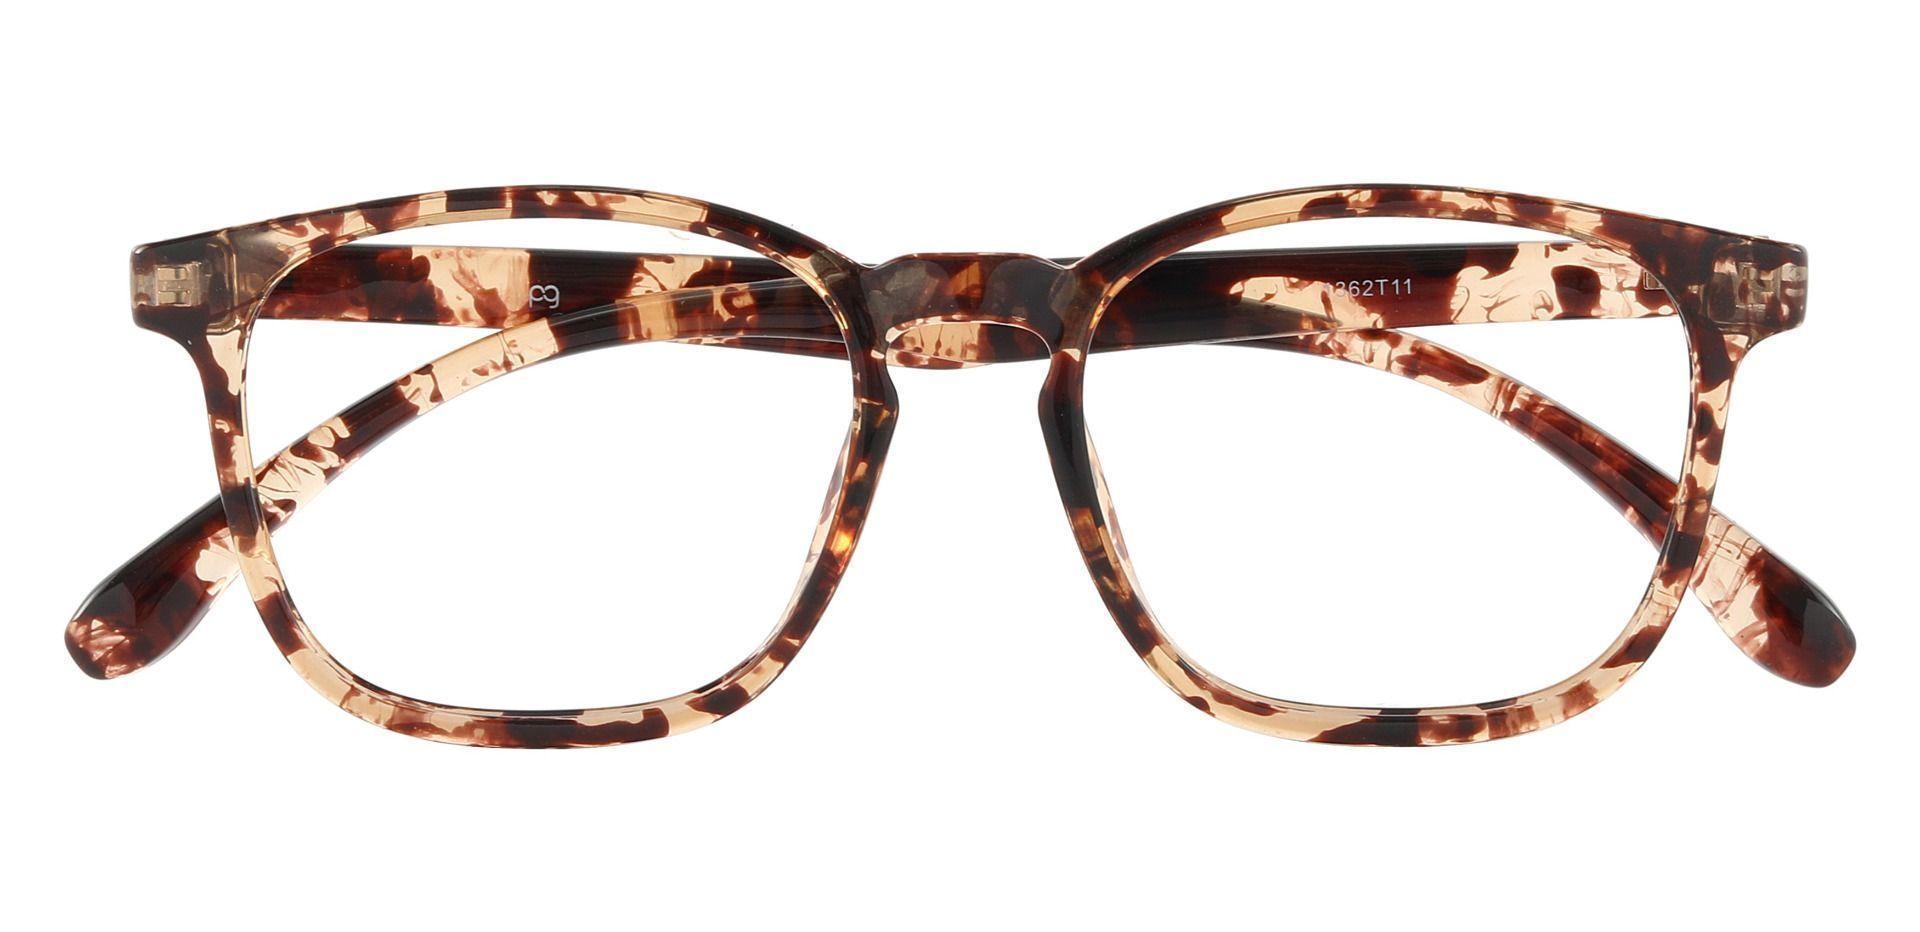 Gateway Square Prescription Glasses - Tortoise